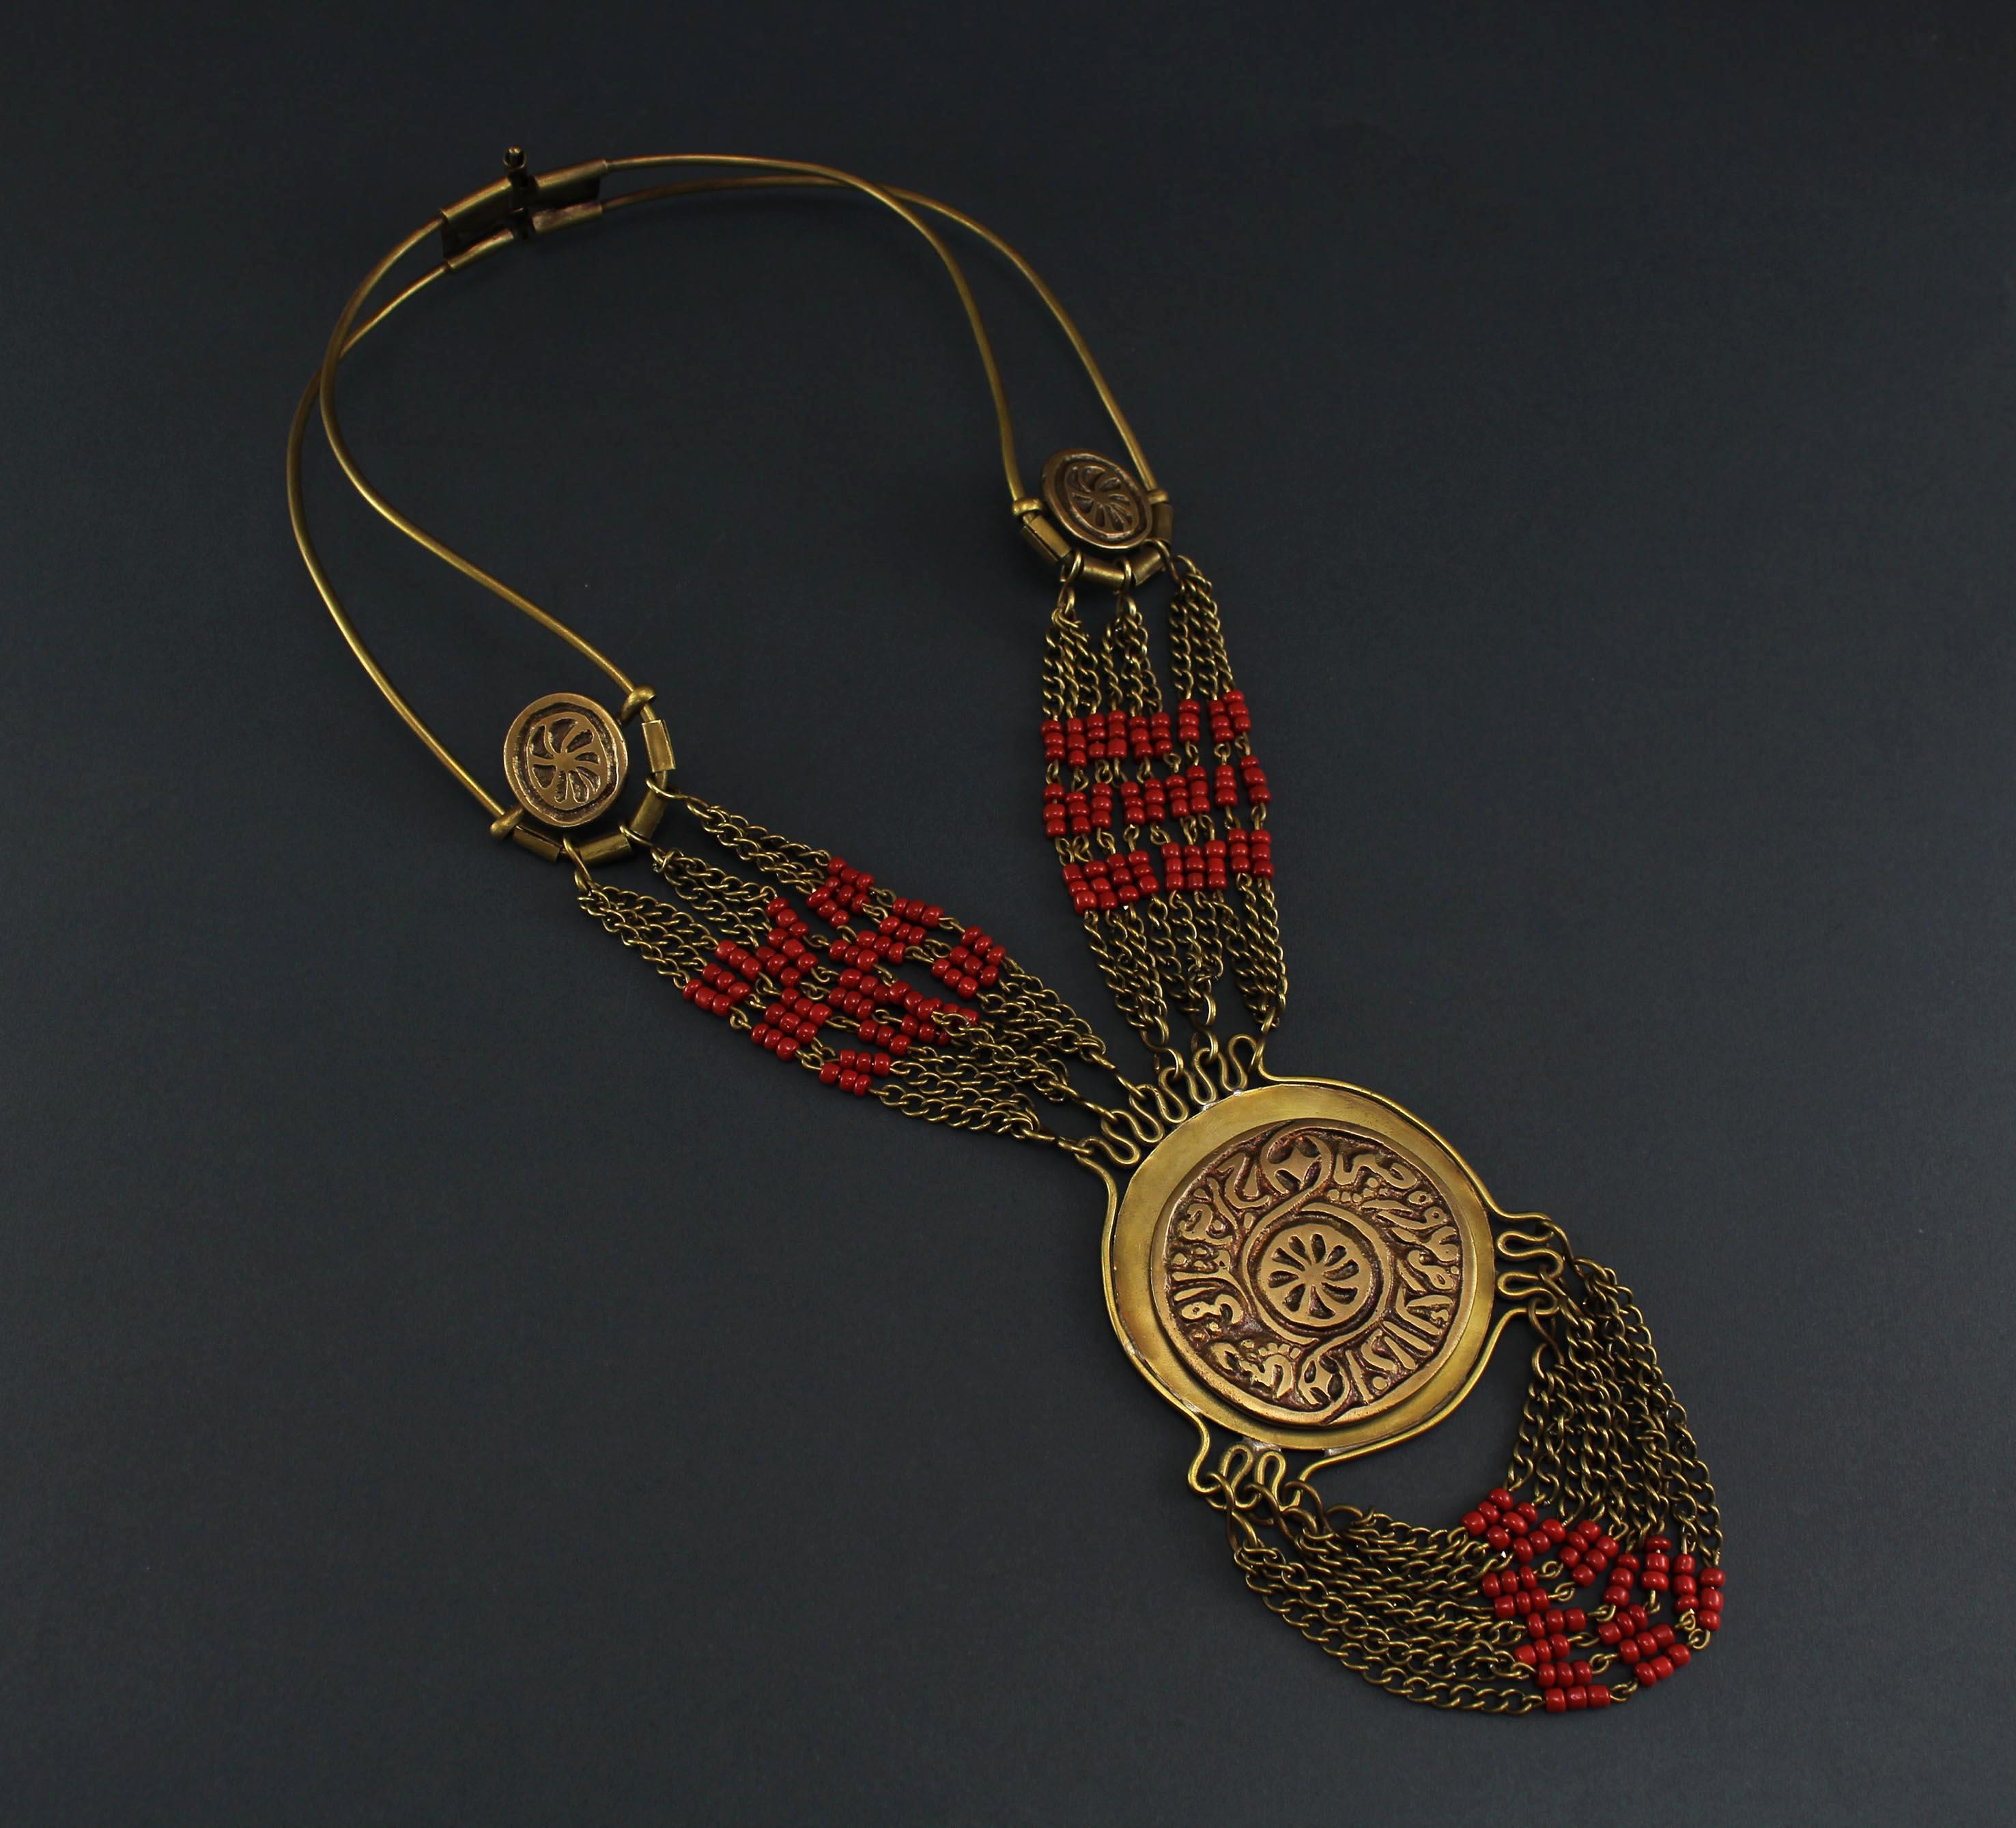 El-Ard Mdwarh Chains Collar